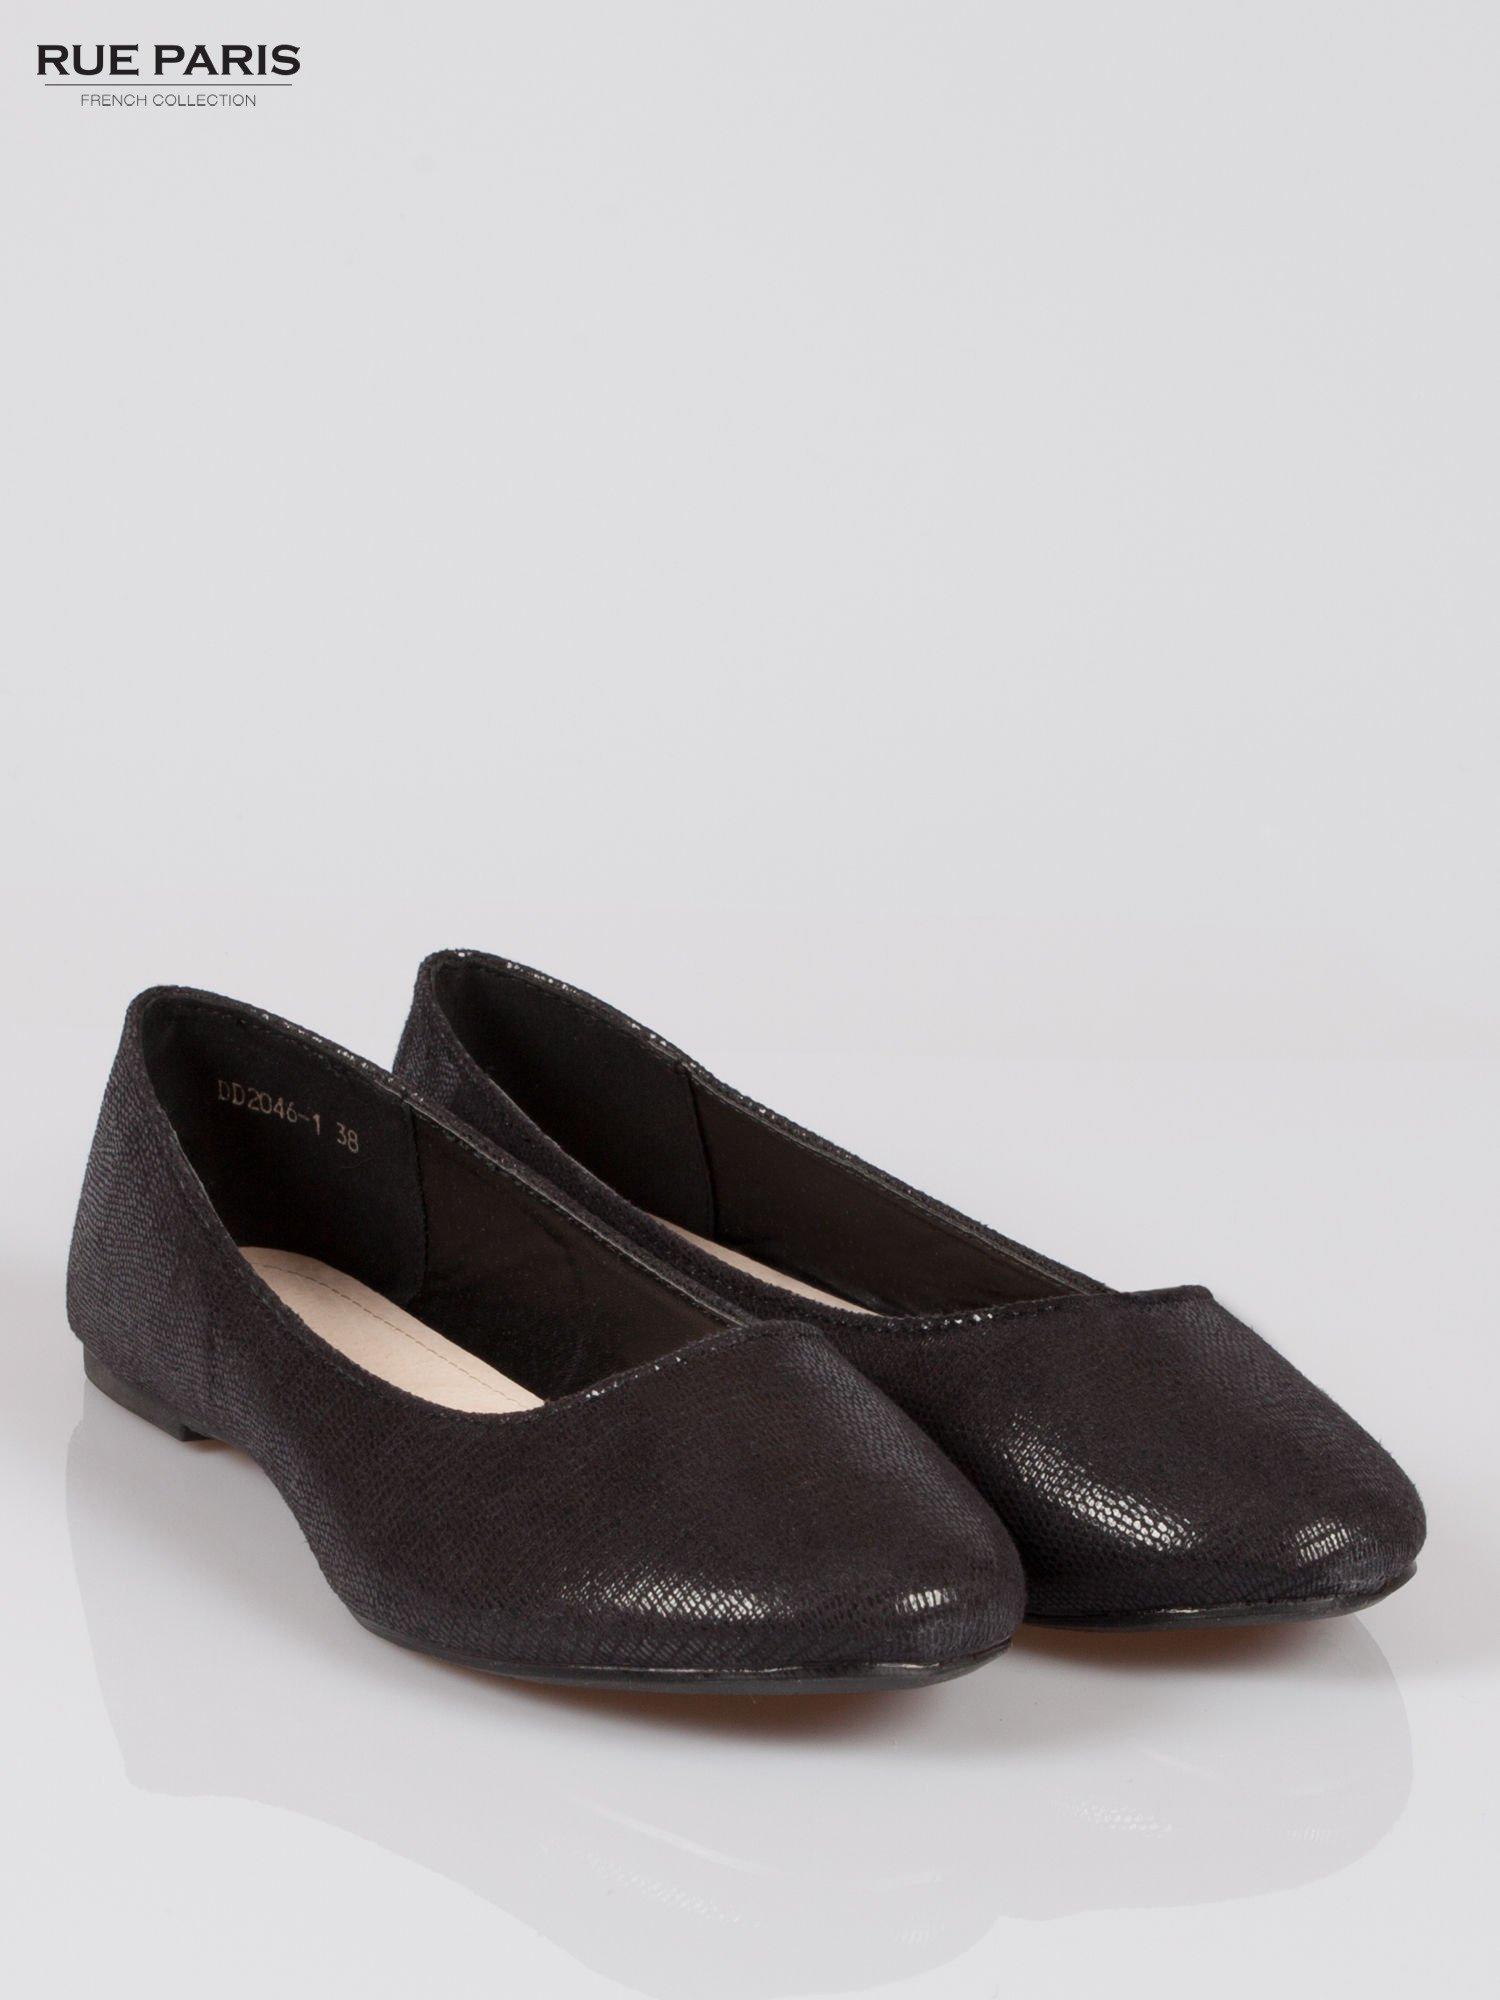 Czarne baleriny faux leather z efektem animal skin                                  zdj.                                  2